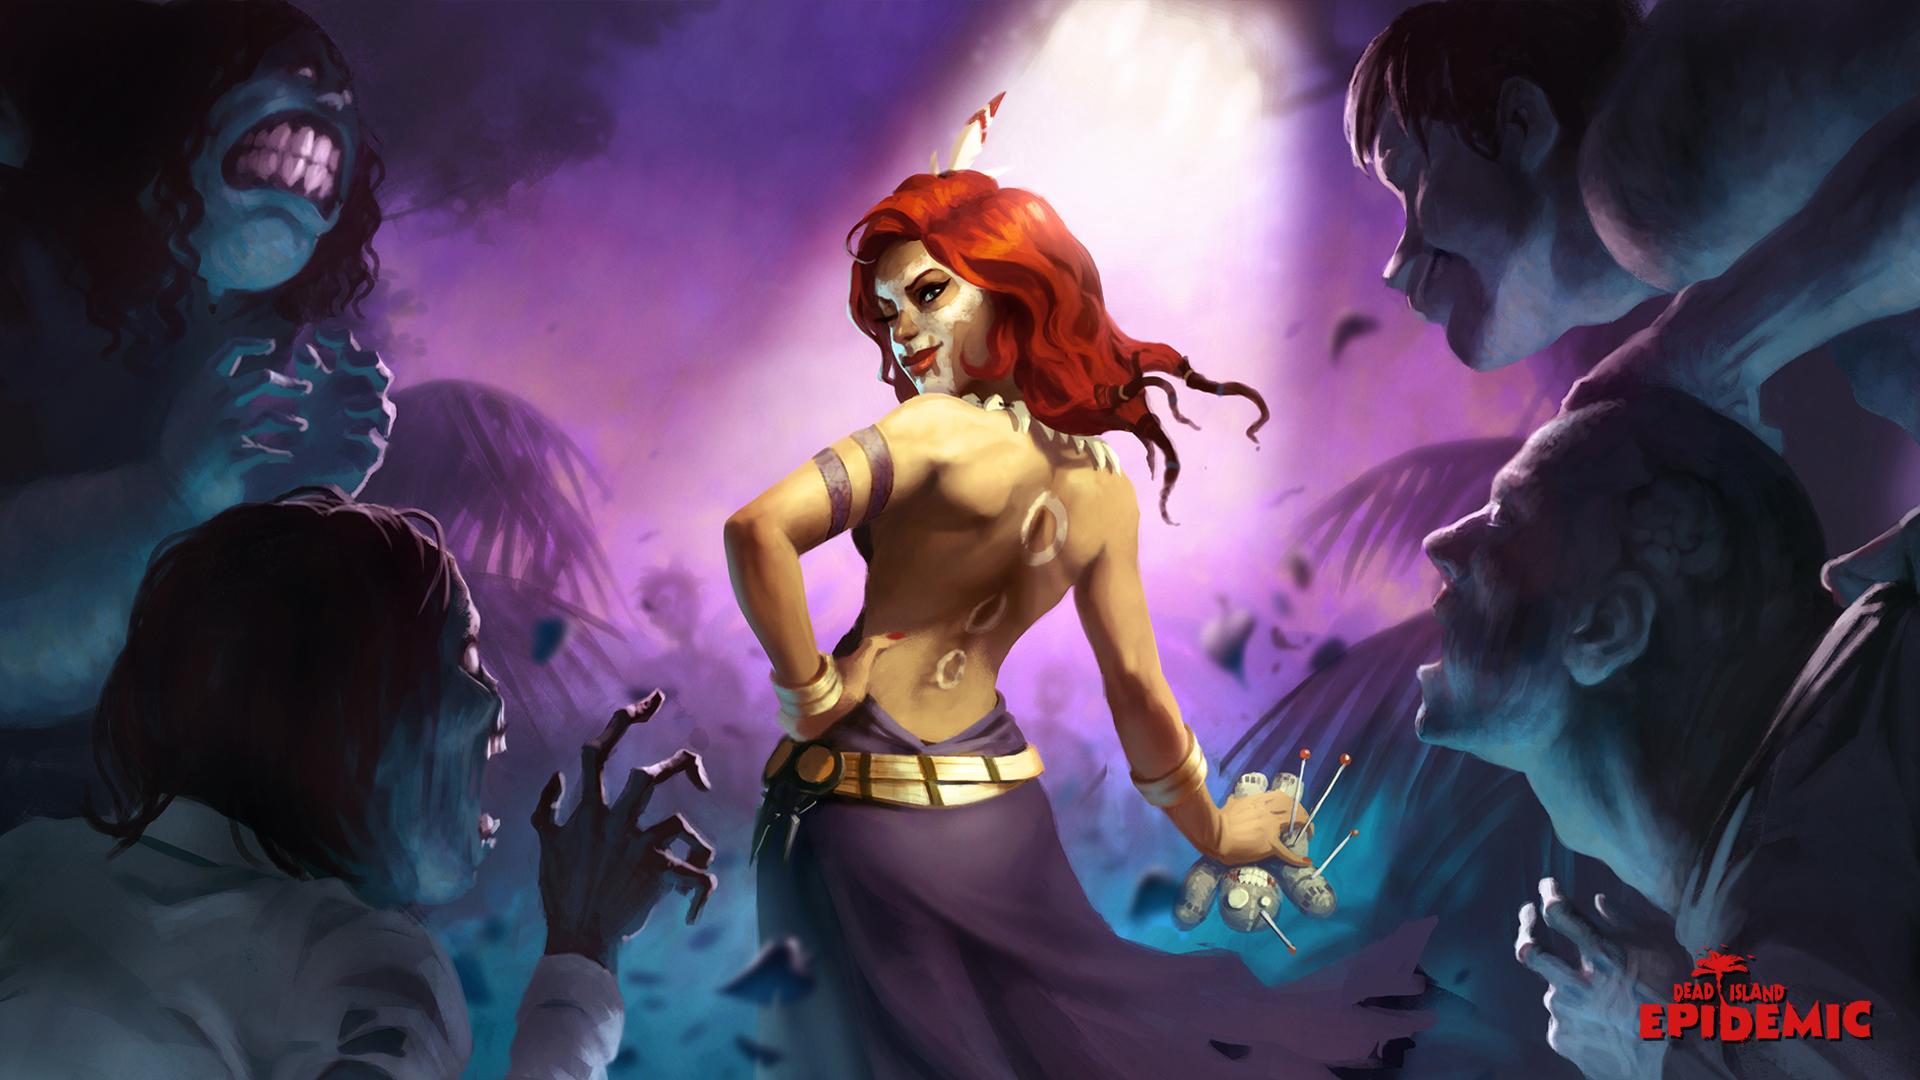 Wanta : Un support heal qui fear. Elle se transforme en fantôme et instant rez ses alliés. Je vis secrètement une histoire d'amour avec cette princesse vaudou mais ce n'est pas dans le jeu.